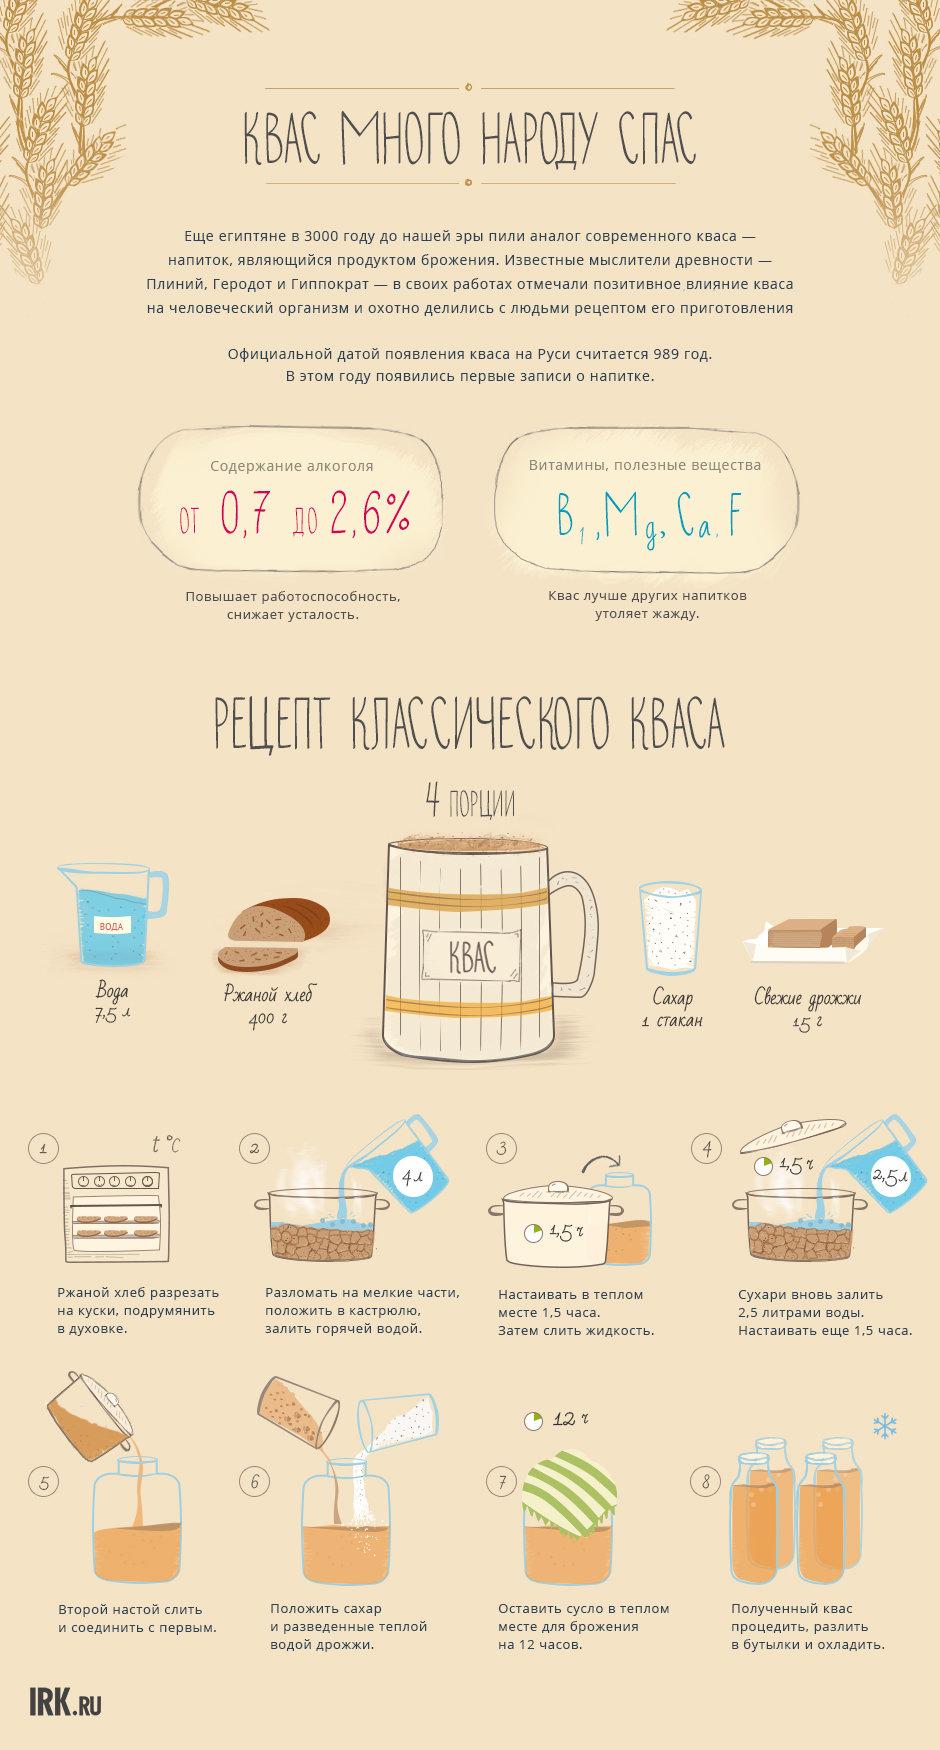 Рецепты приготовления кваса в домашних условиях из  960